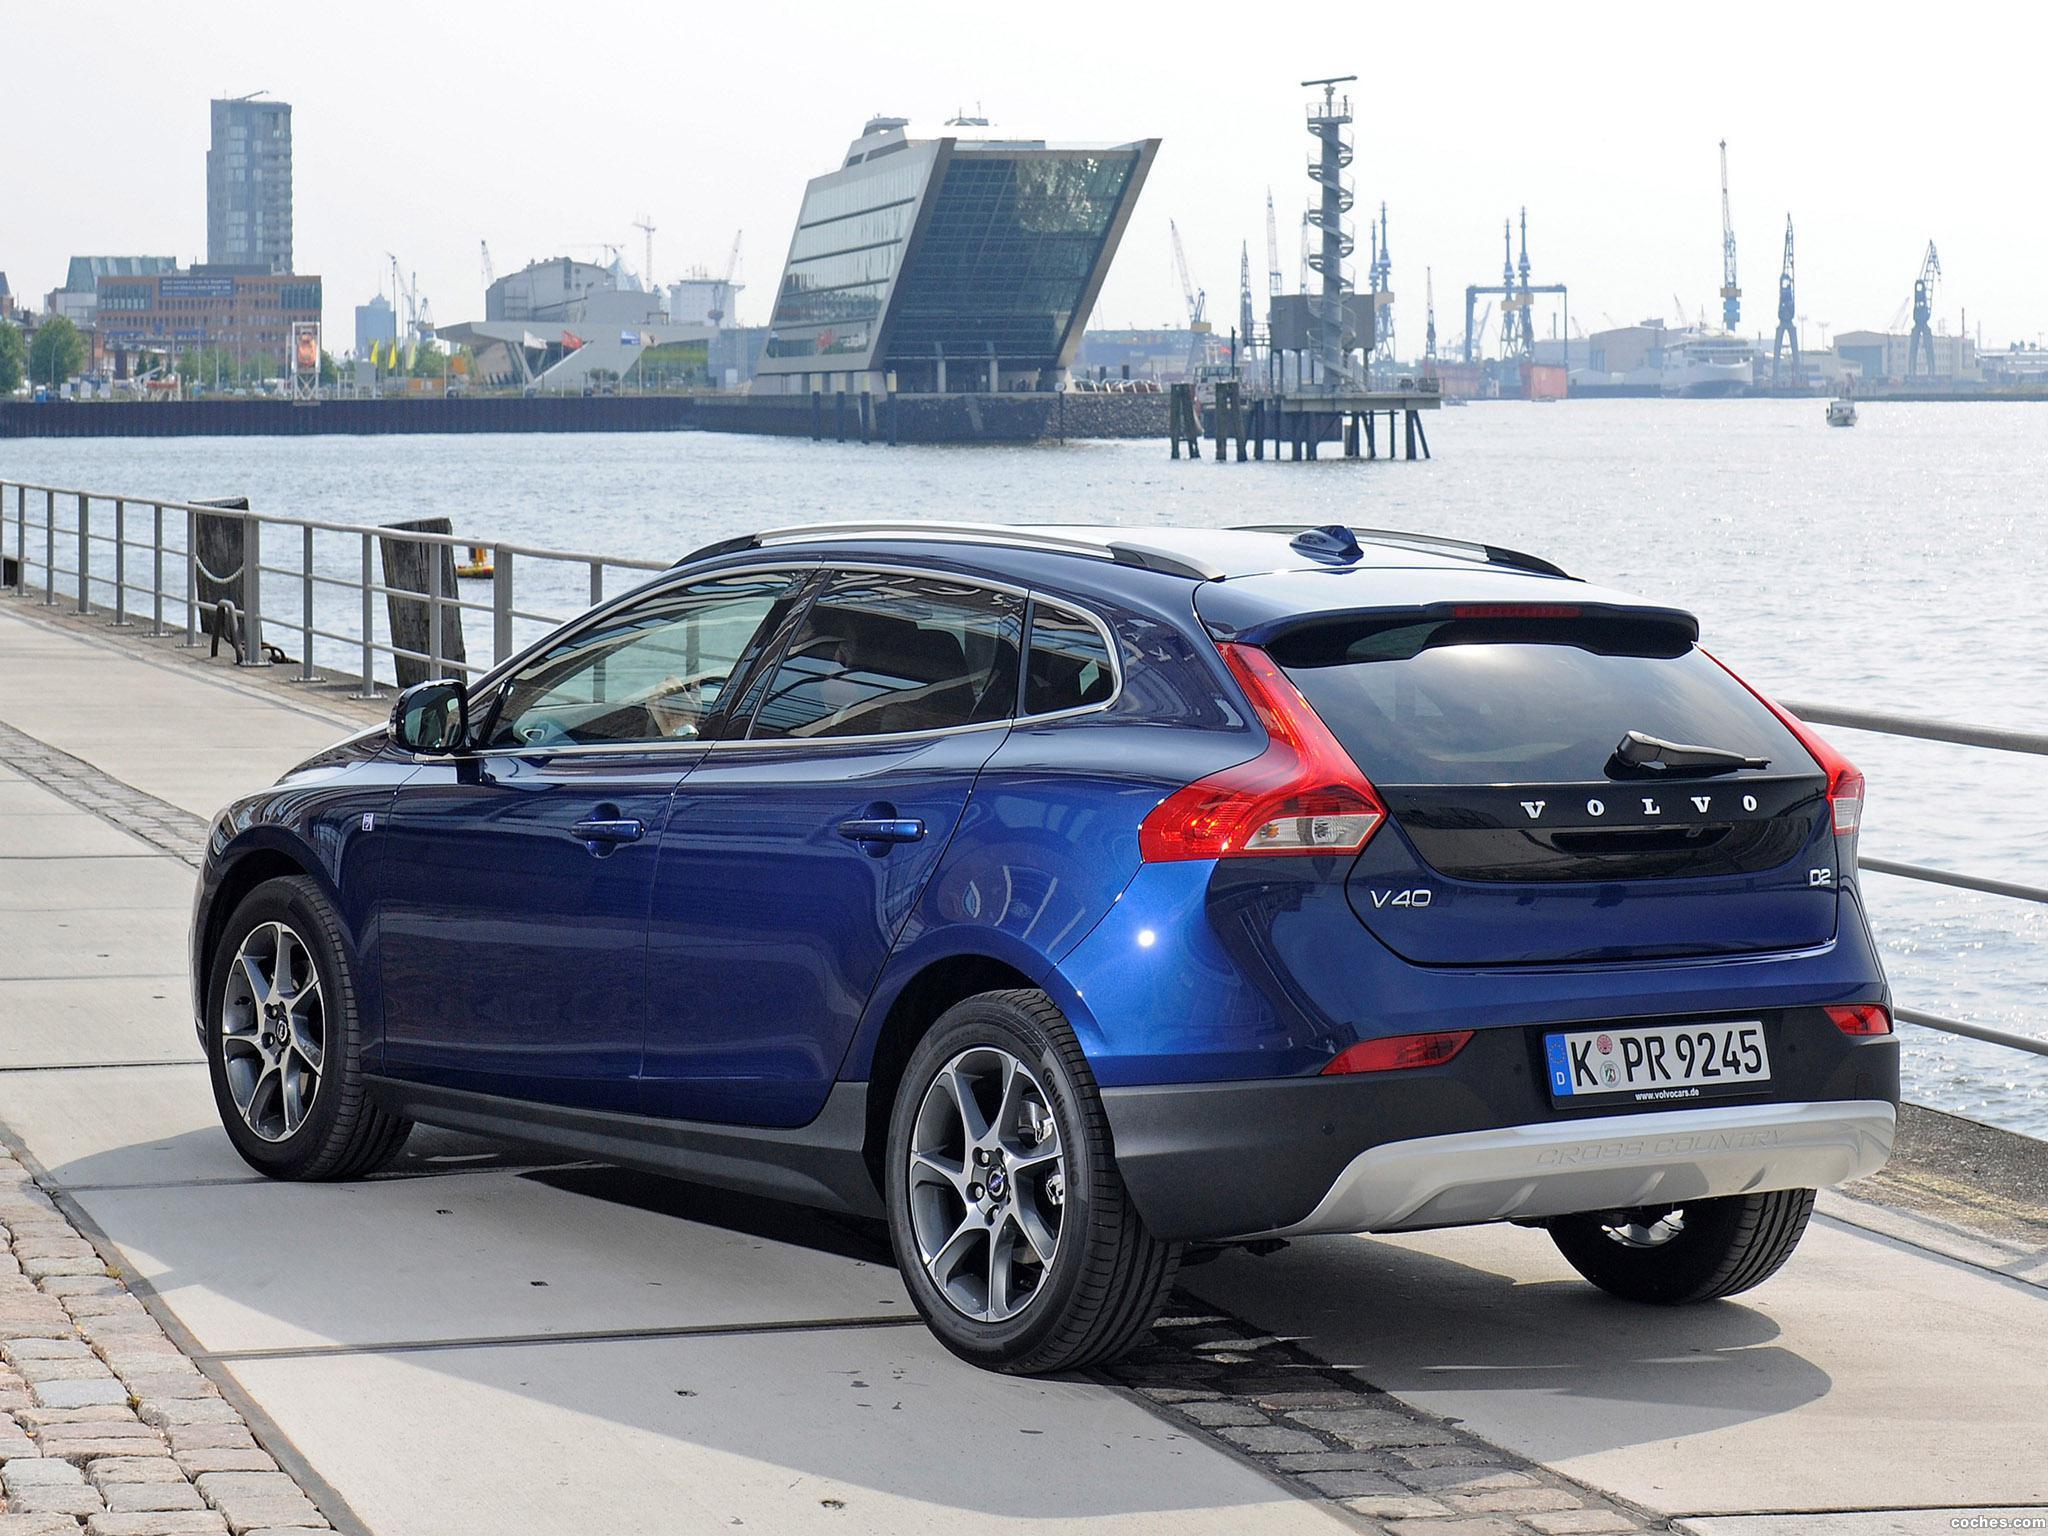 Volvo V40 | Volvo Cars